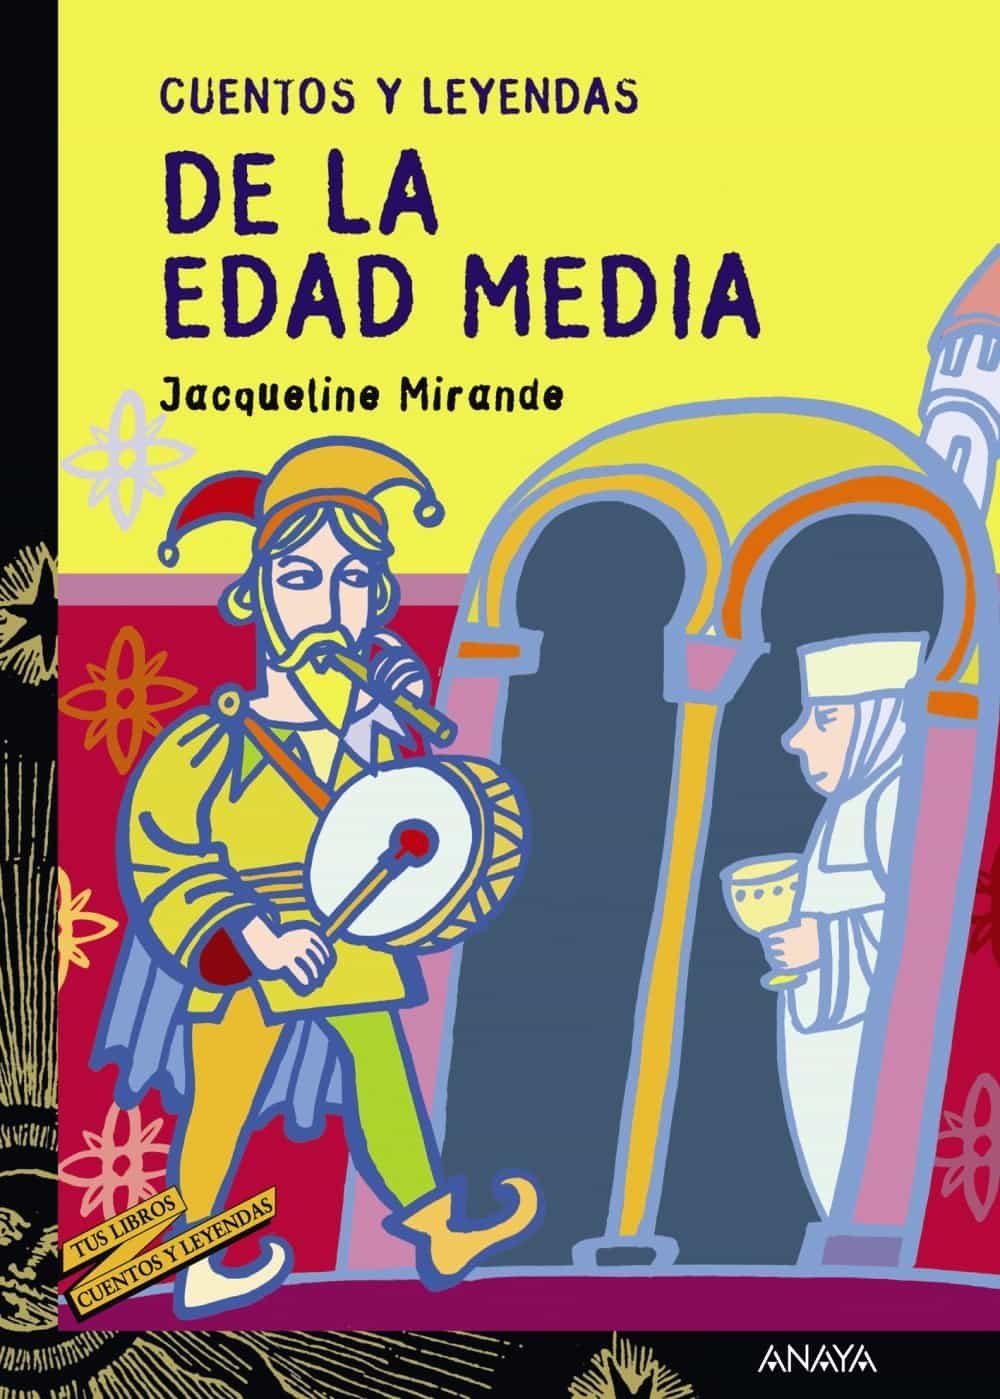 Cuentos Y Leyendas De La Edad Media por Jacqueline Mirande